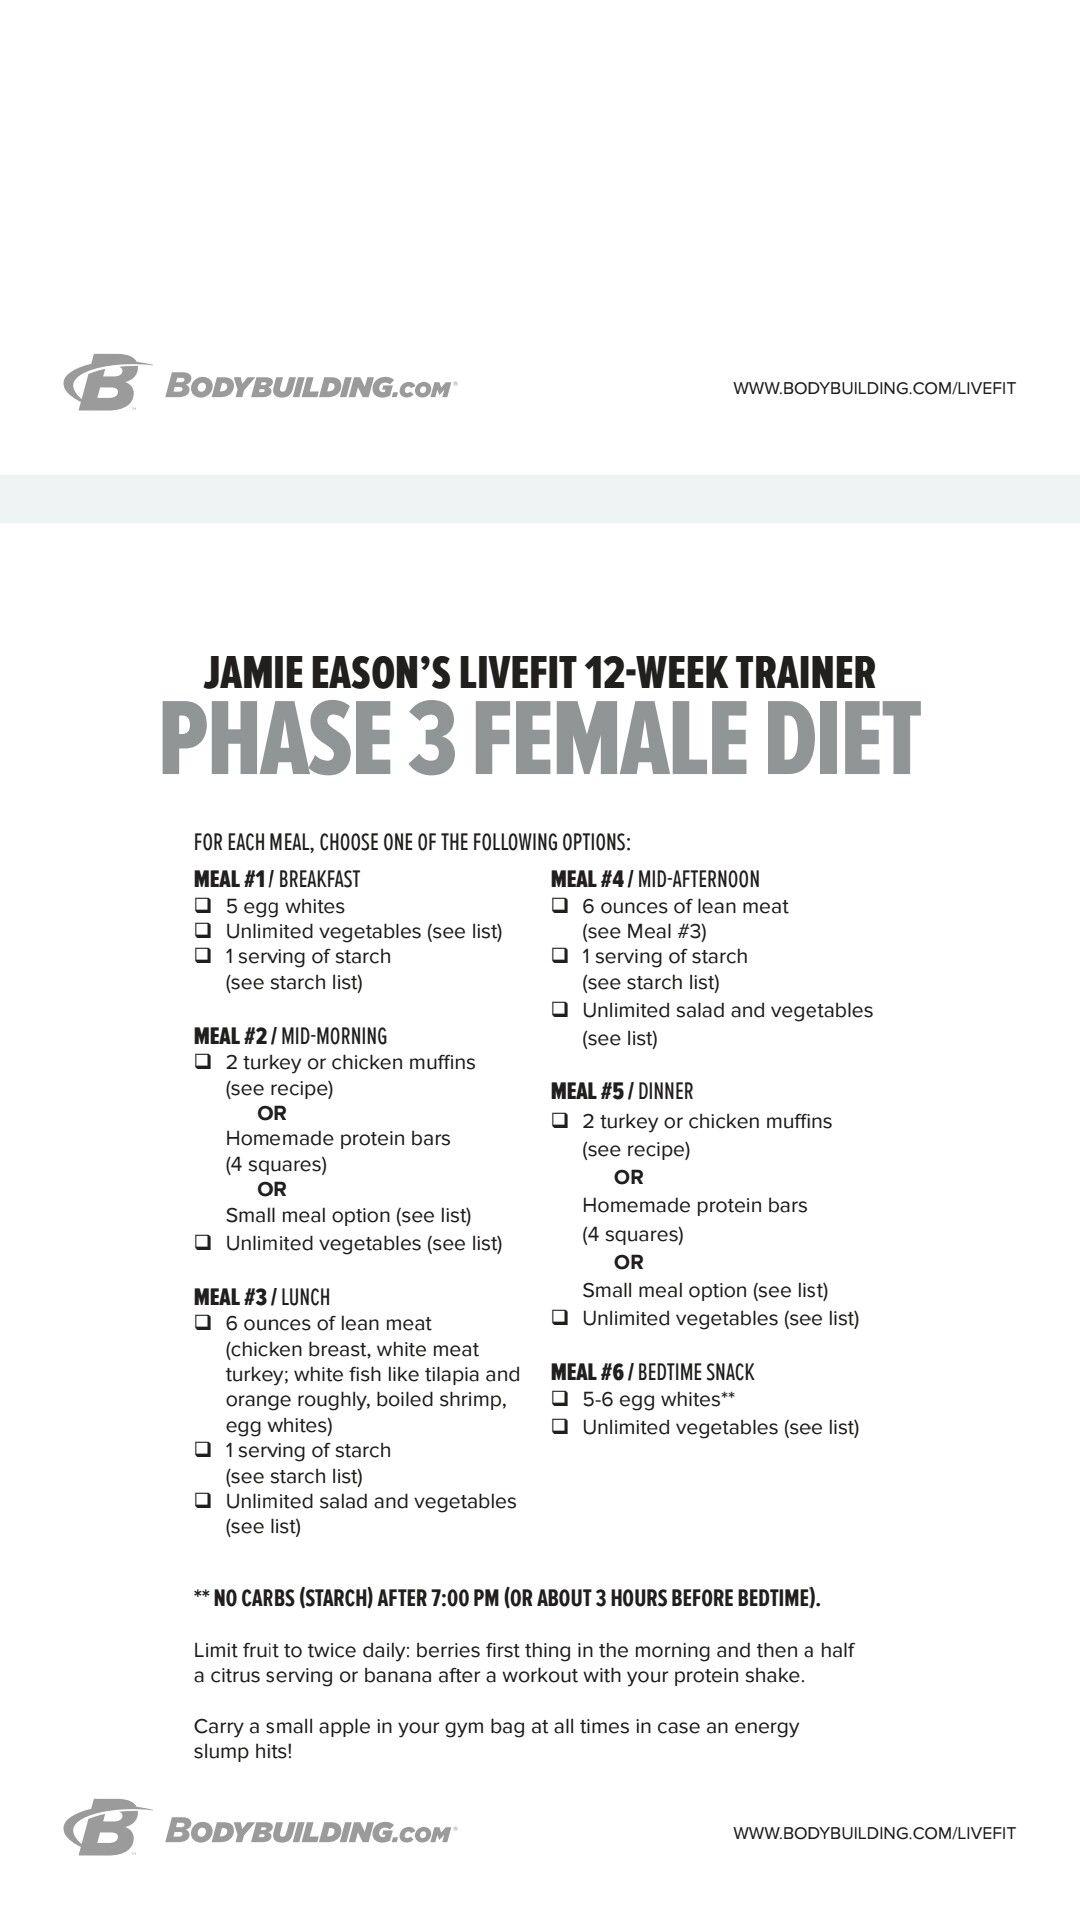 3 phase diet plan